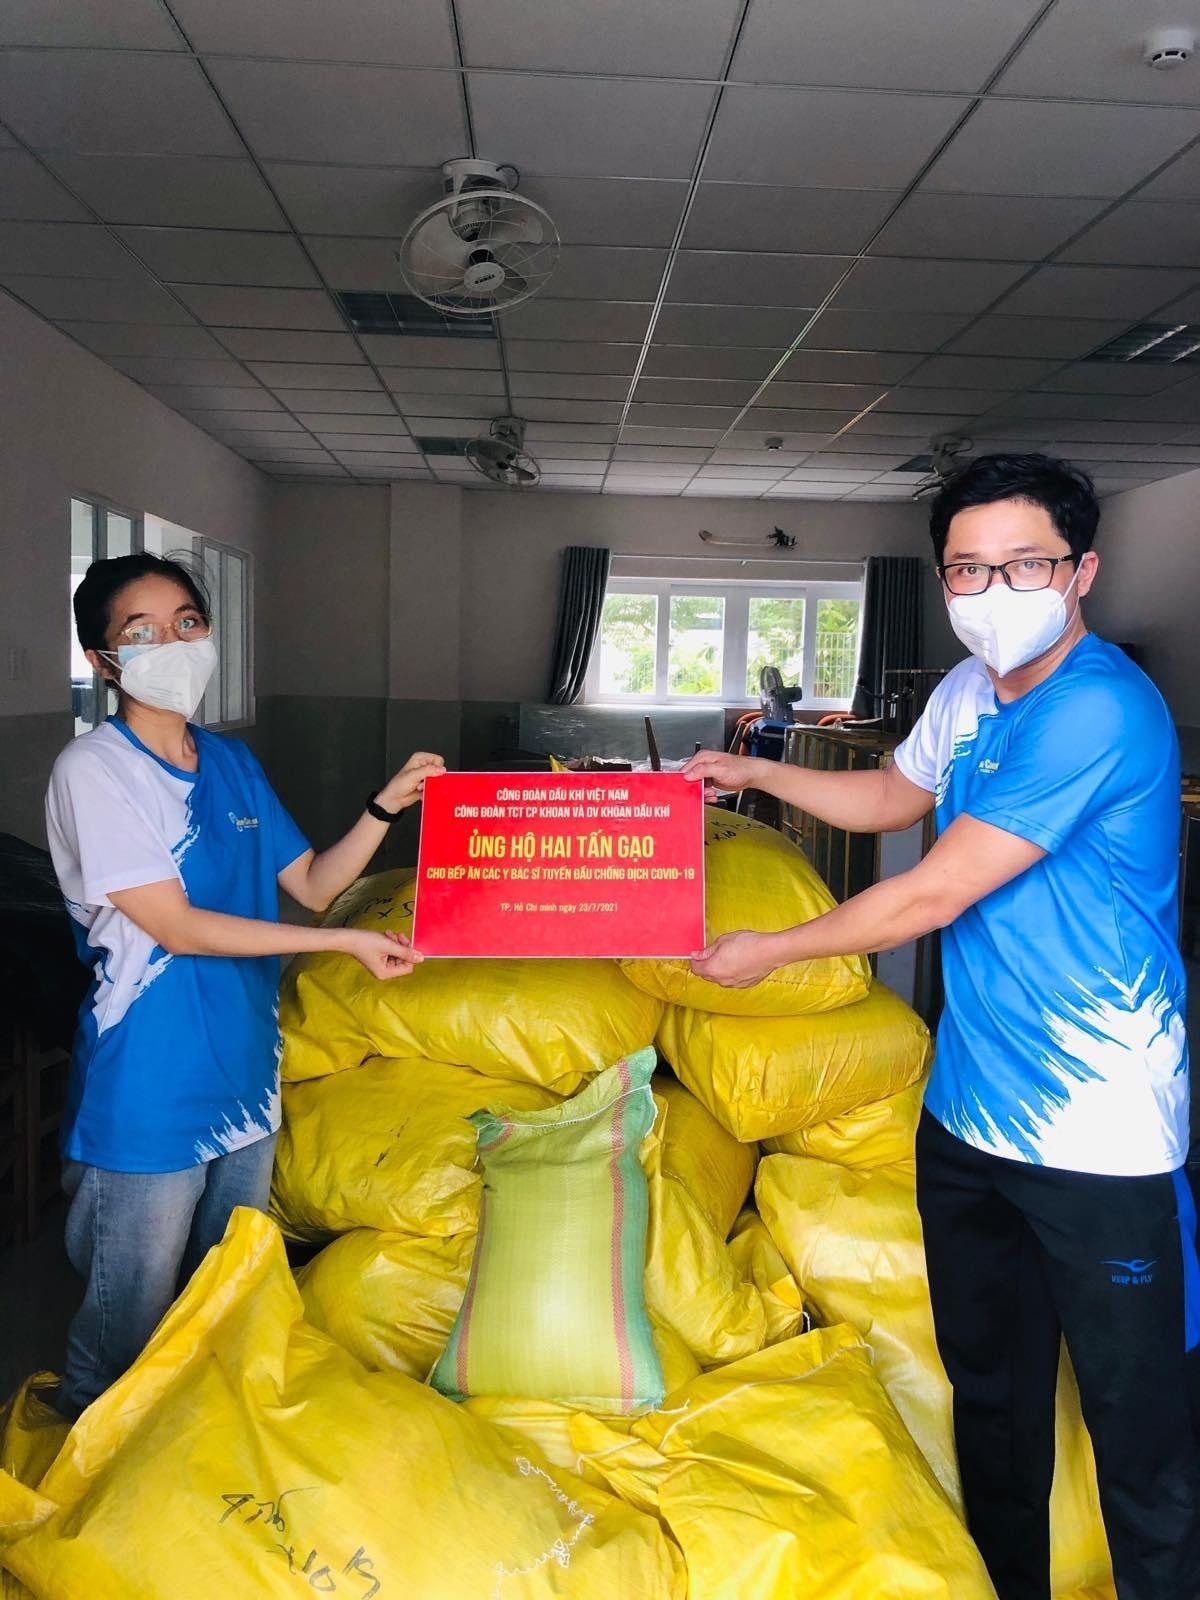 Công đoàn PV Drilling trao tặng 2 tấn gạo cho bếp ăn các y bác sĩ, nhân viên y tế đang chống dịch tại TP HCM